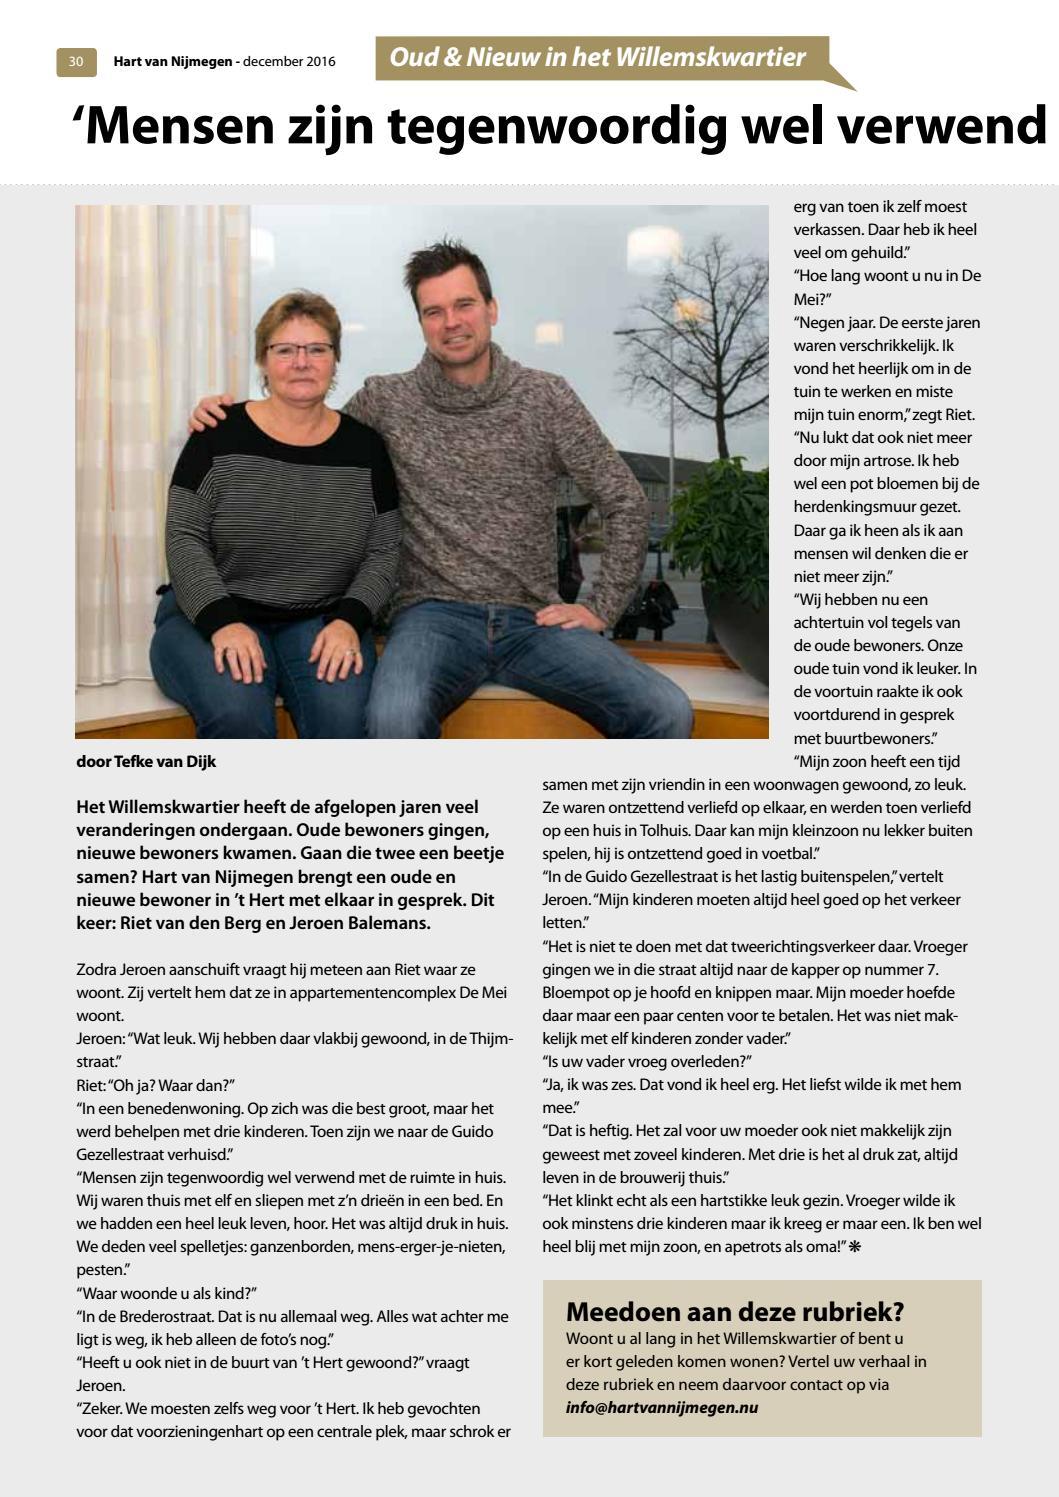 Hart van Nijmegen december 2016 by Hart van Nijmegen issuu